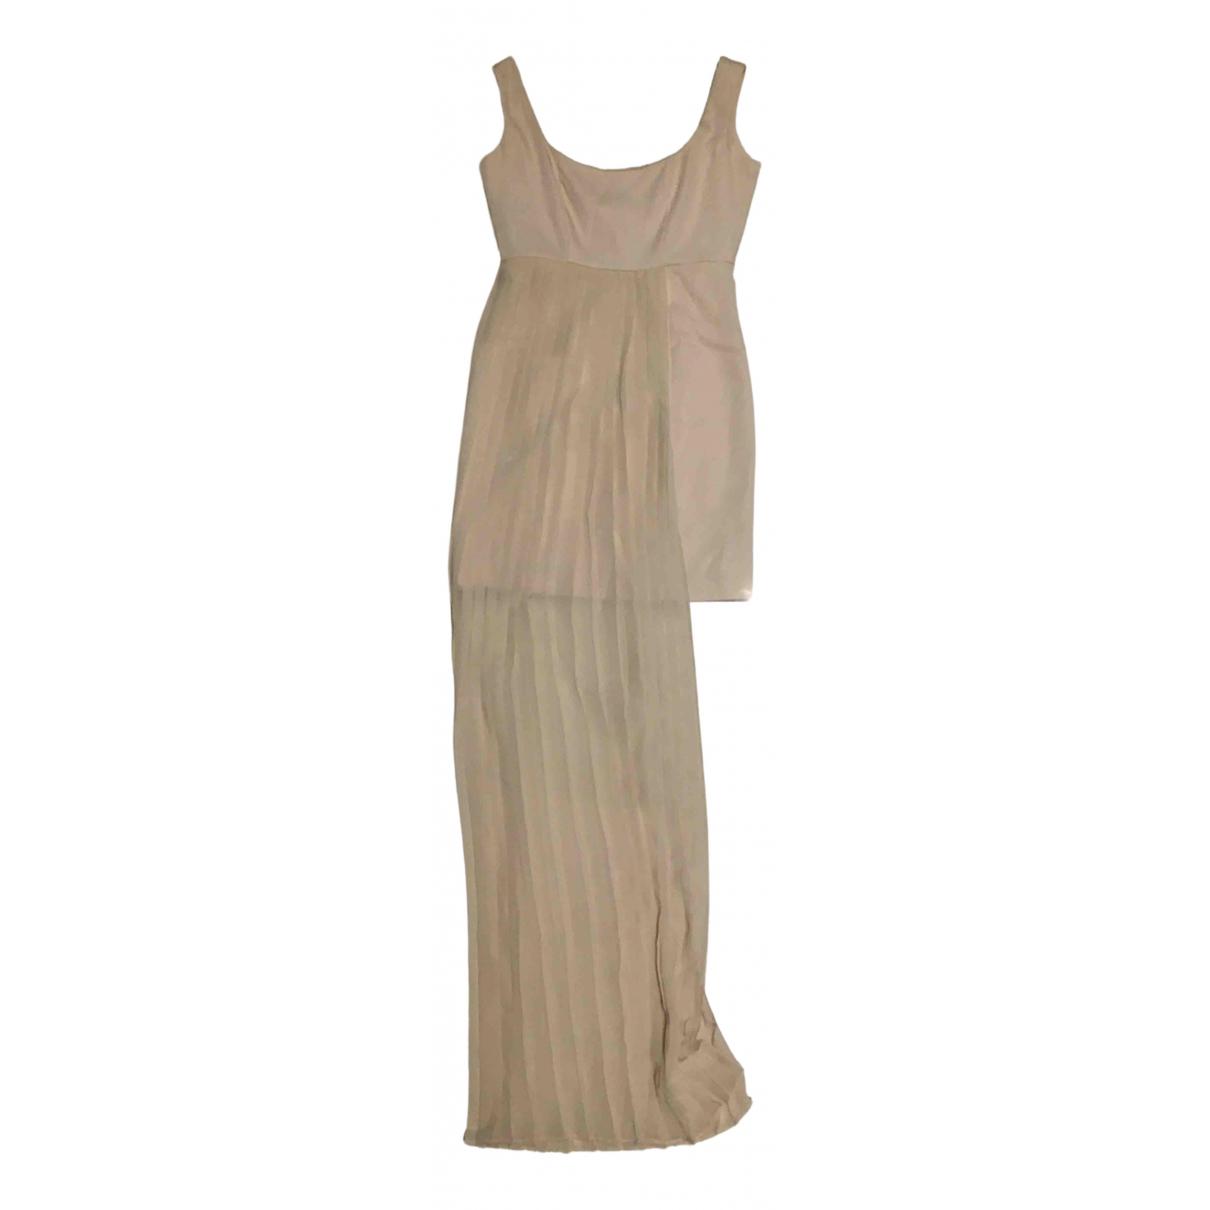 Mangano \N Kleid in  Beige Polyester